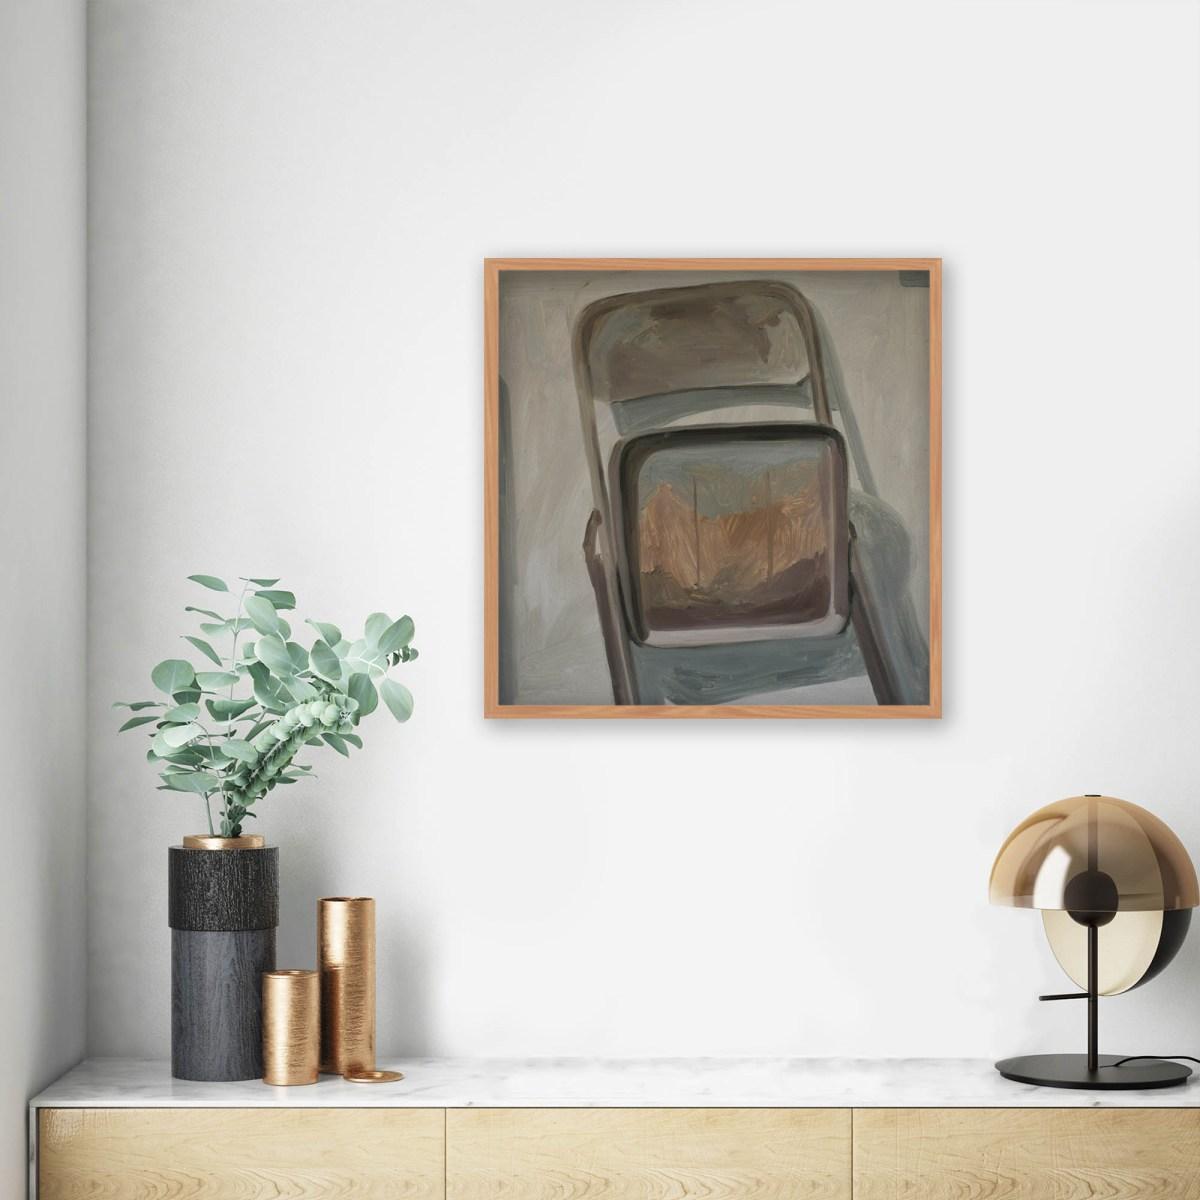 Oleo sobre papel de la artista Alicia Ayanegui en contexto de decoración